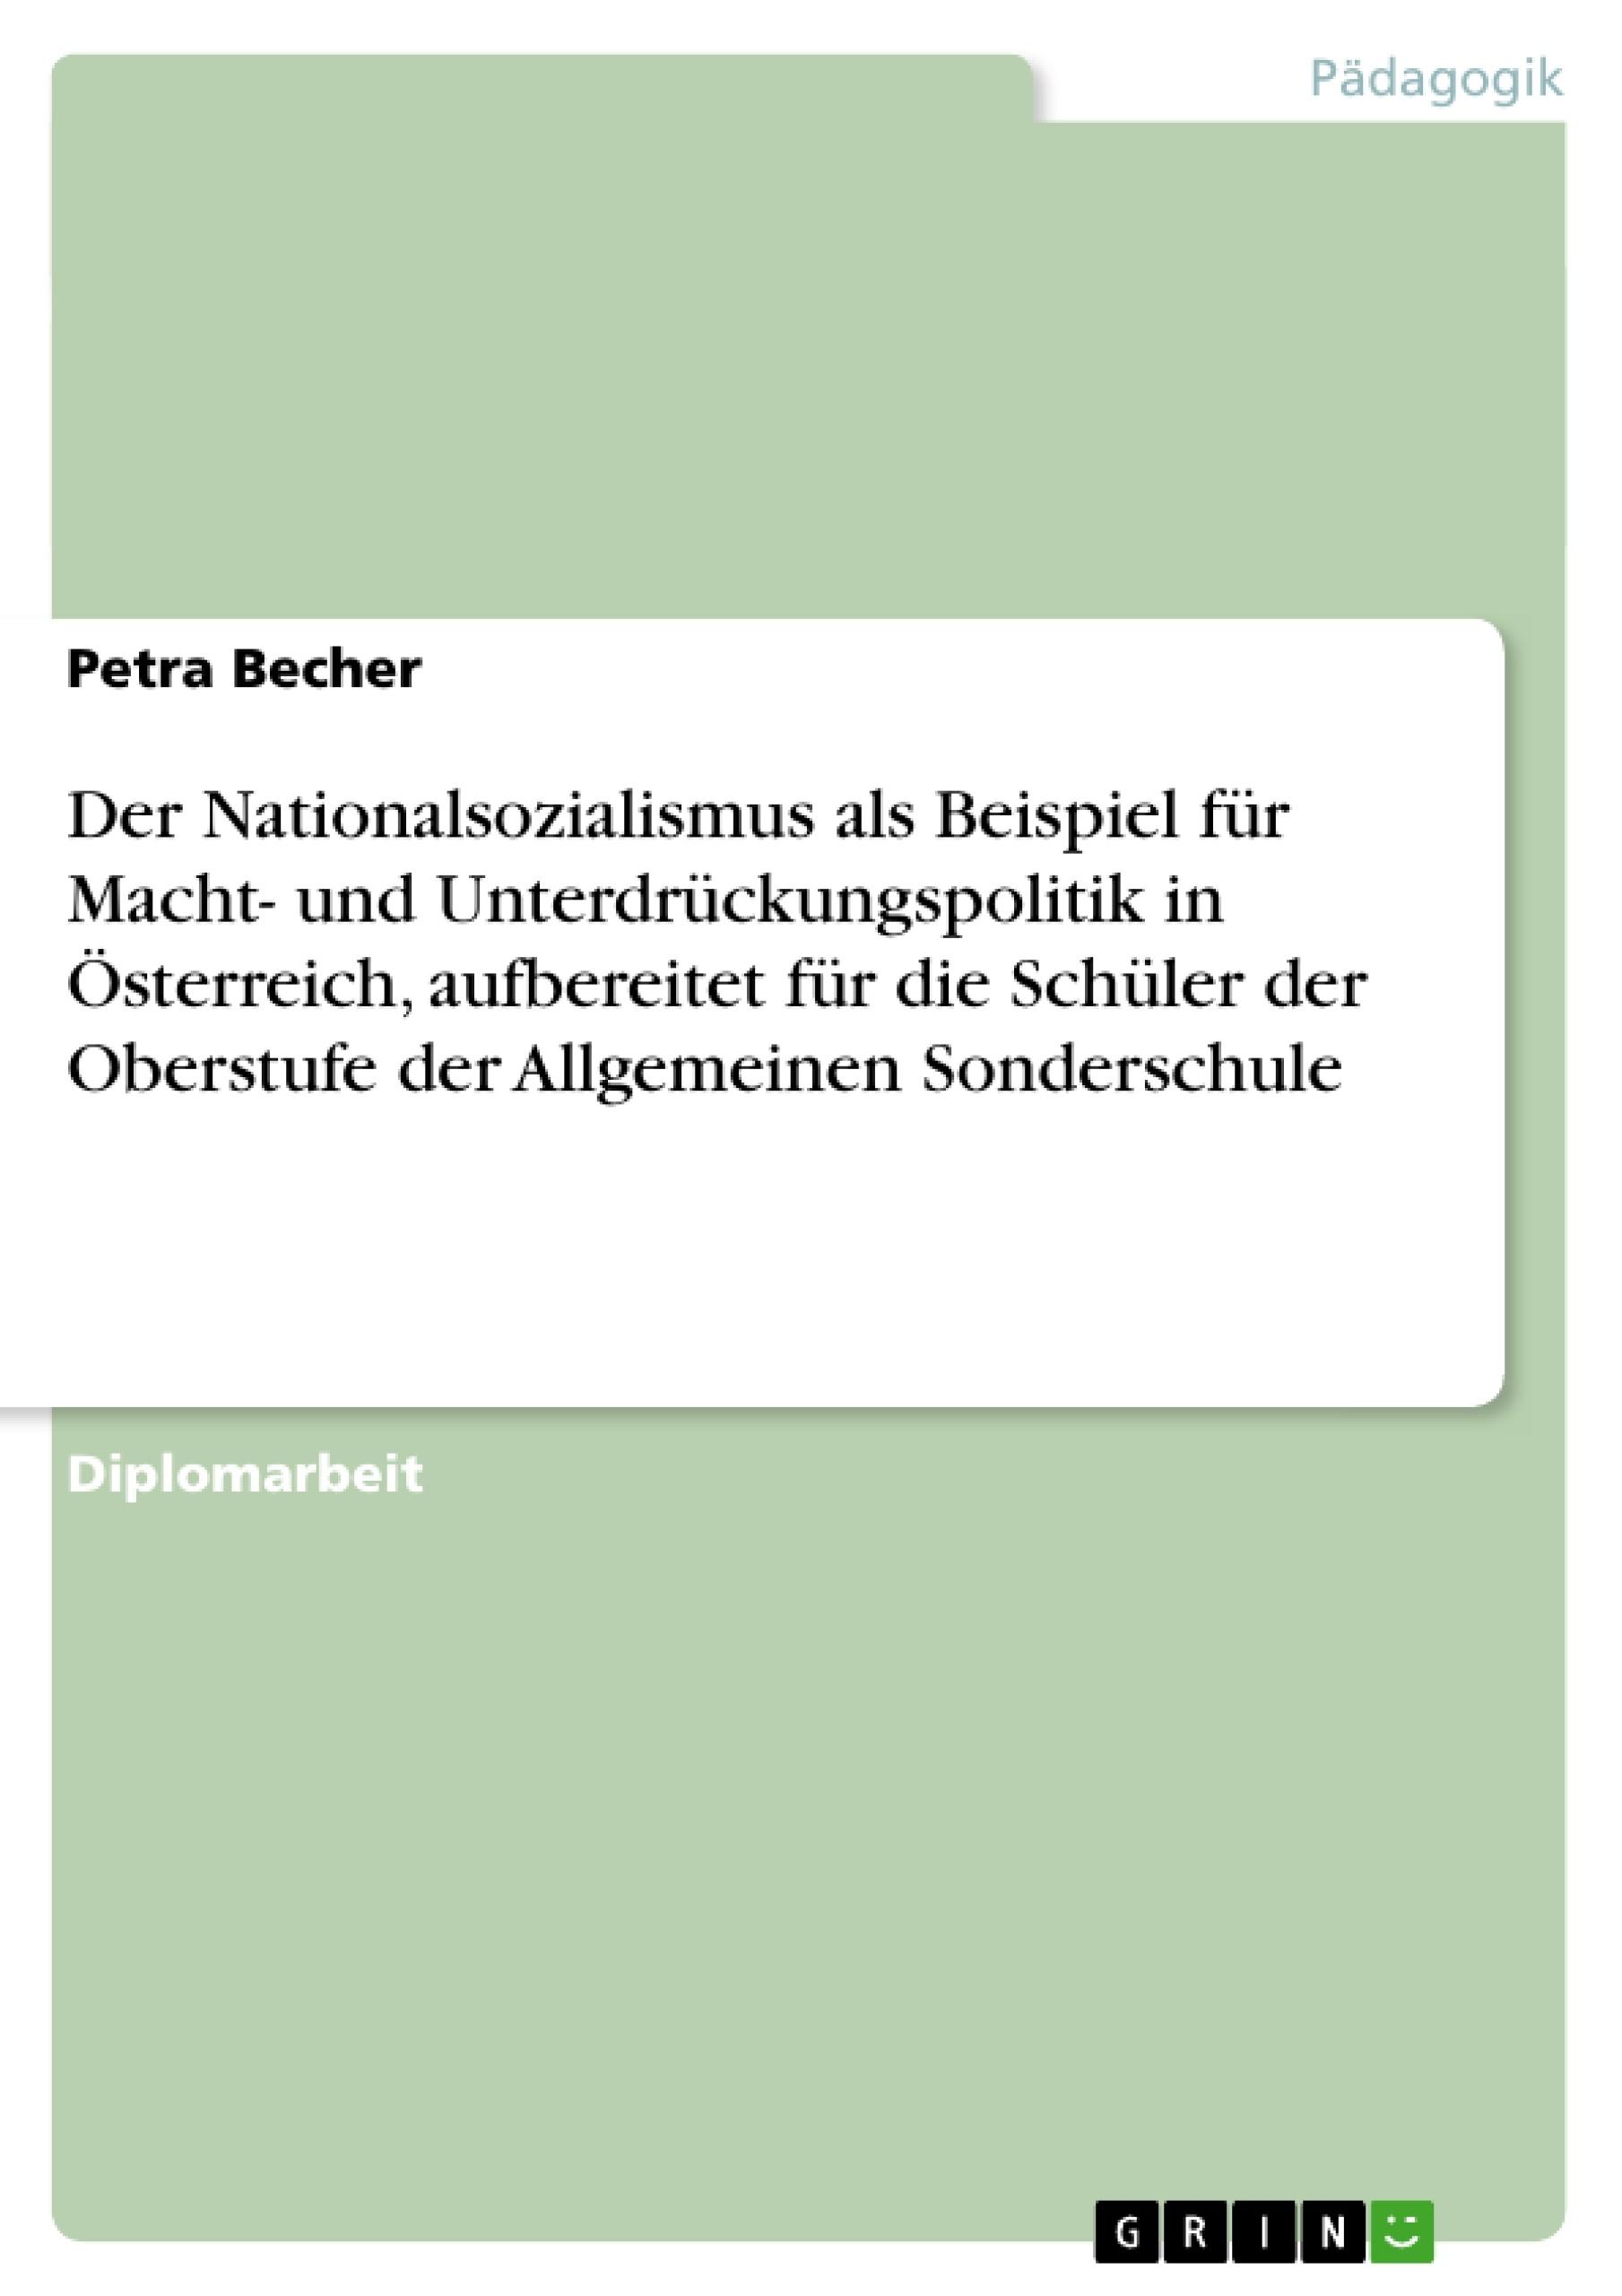 Titel: Der Nationalsozialismus als Beispiel für Macht- und Unterdrückungspolitik in Österreich, aufbereitet für die Schüler der Oberstufe der Allgemeinen Sonderschule